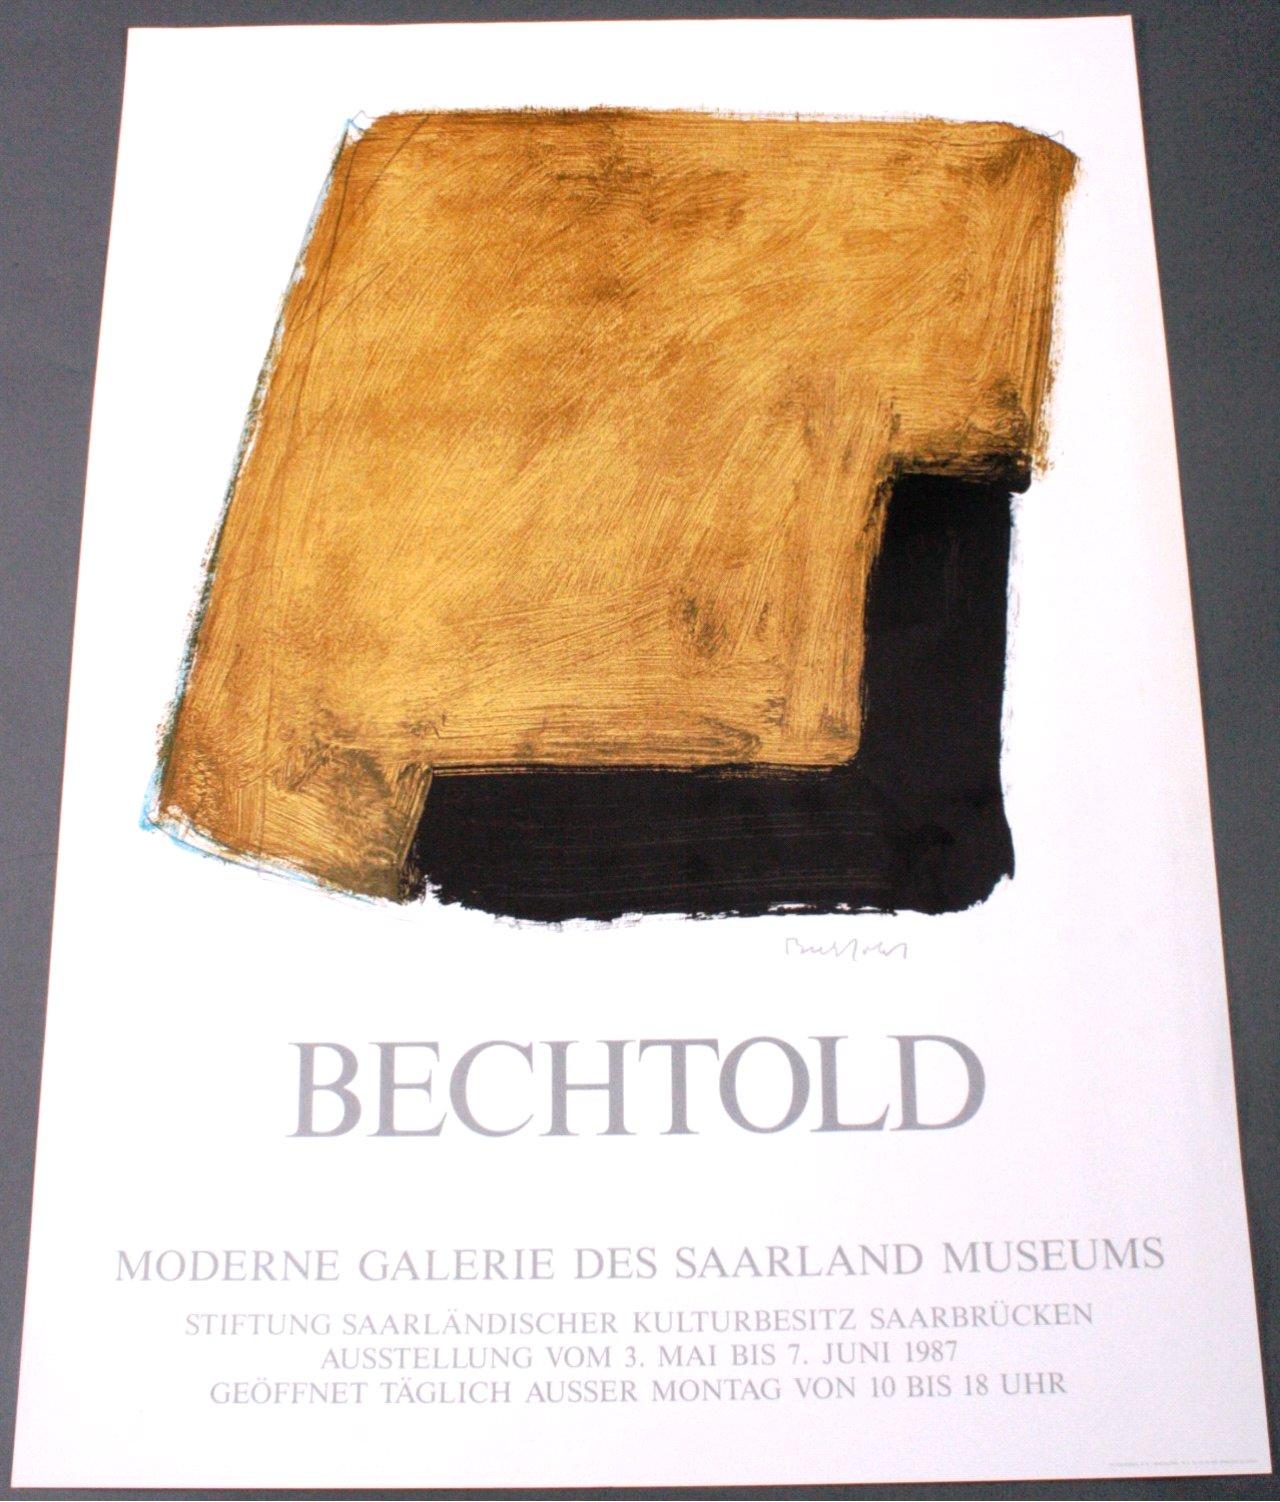 Erwin Bechtold (1925)